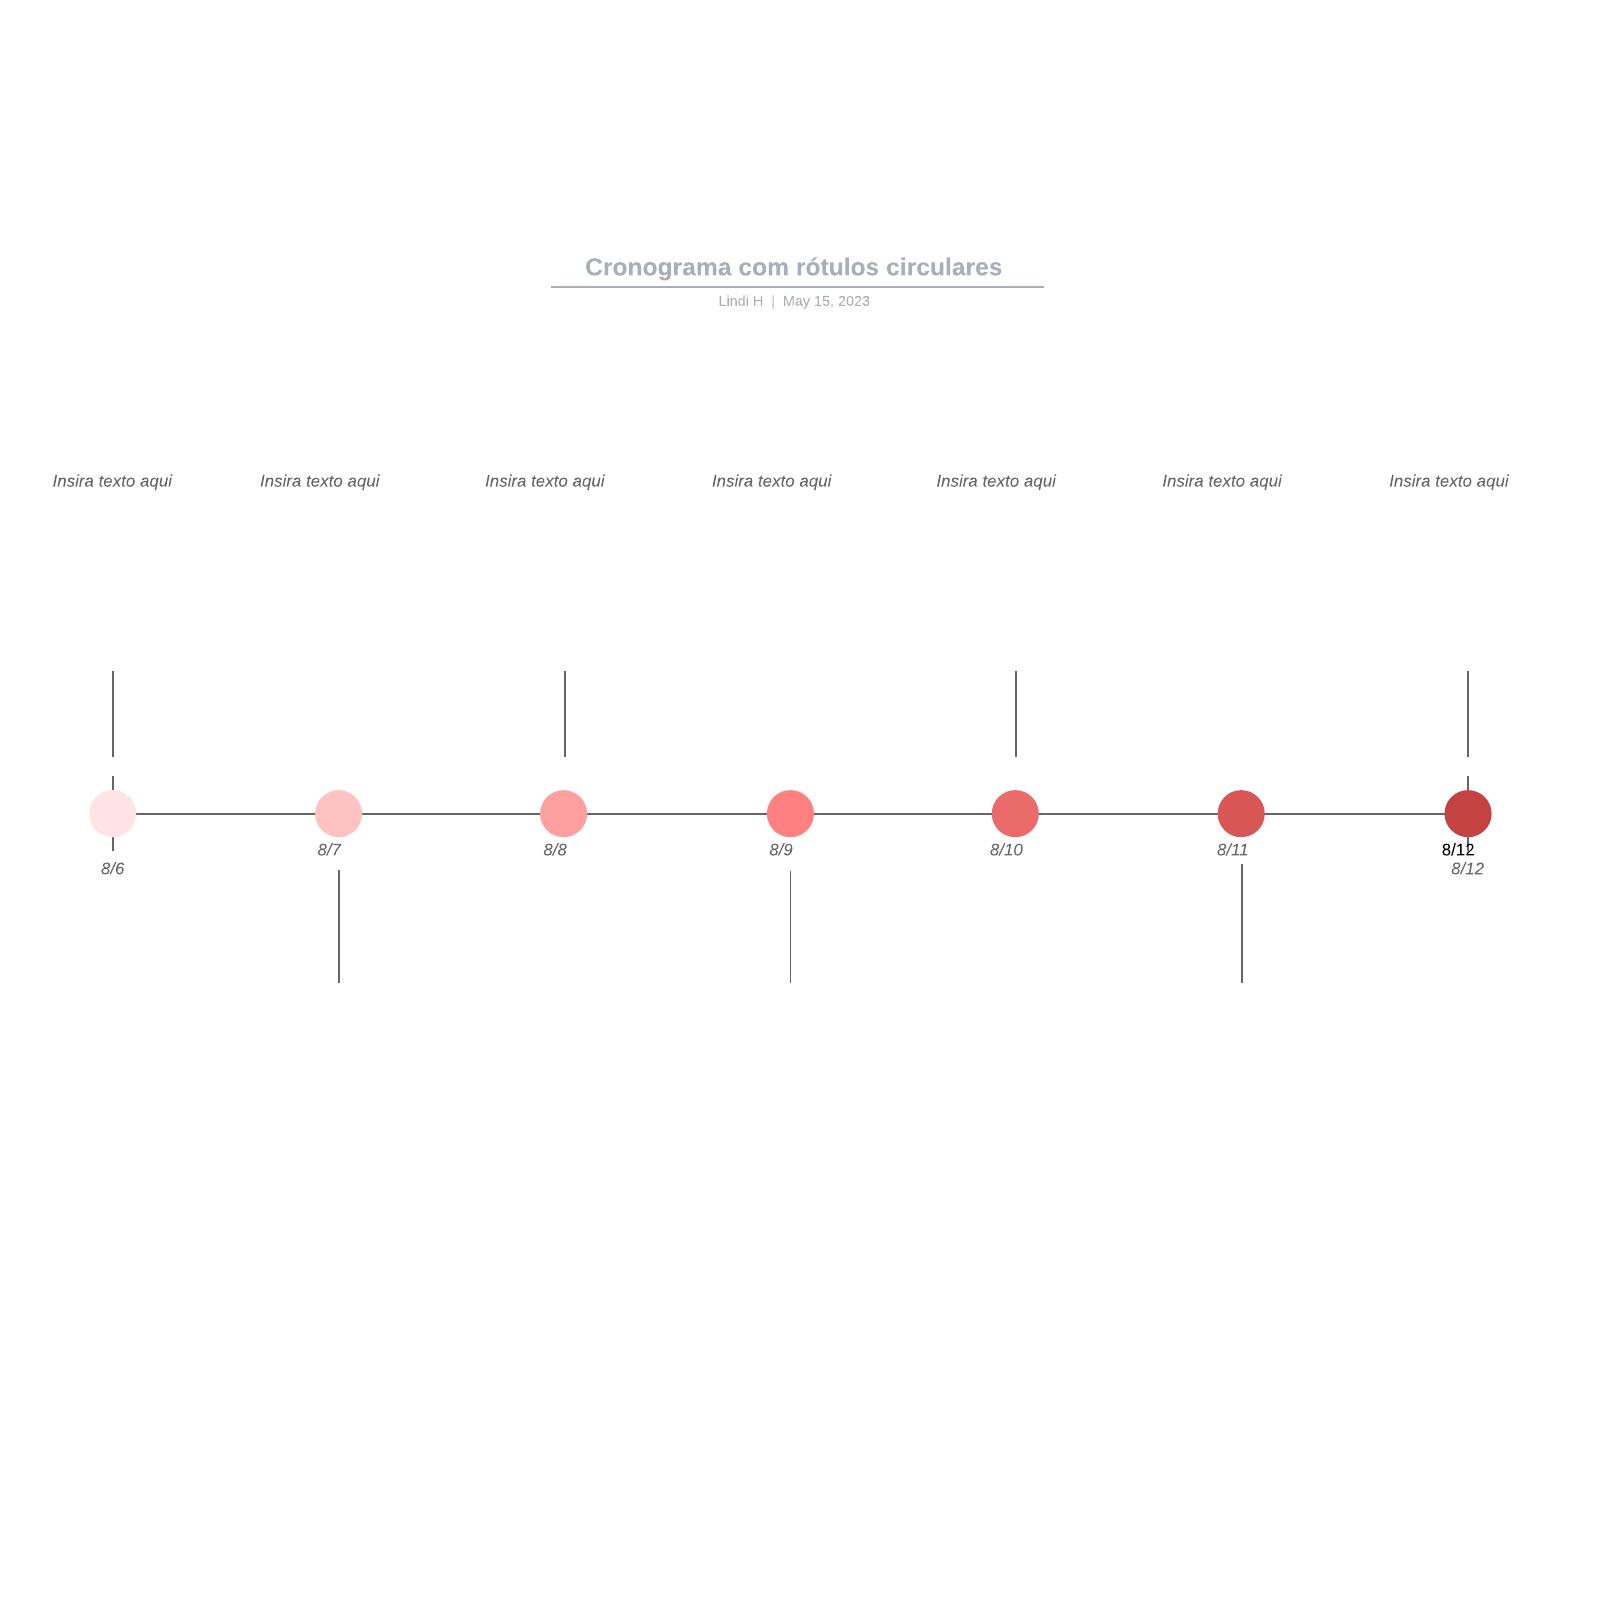 Cronograma com rótulos circulares